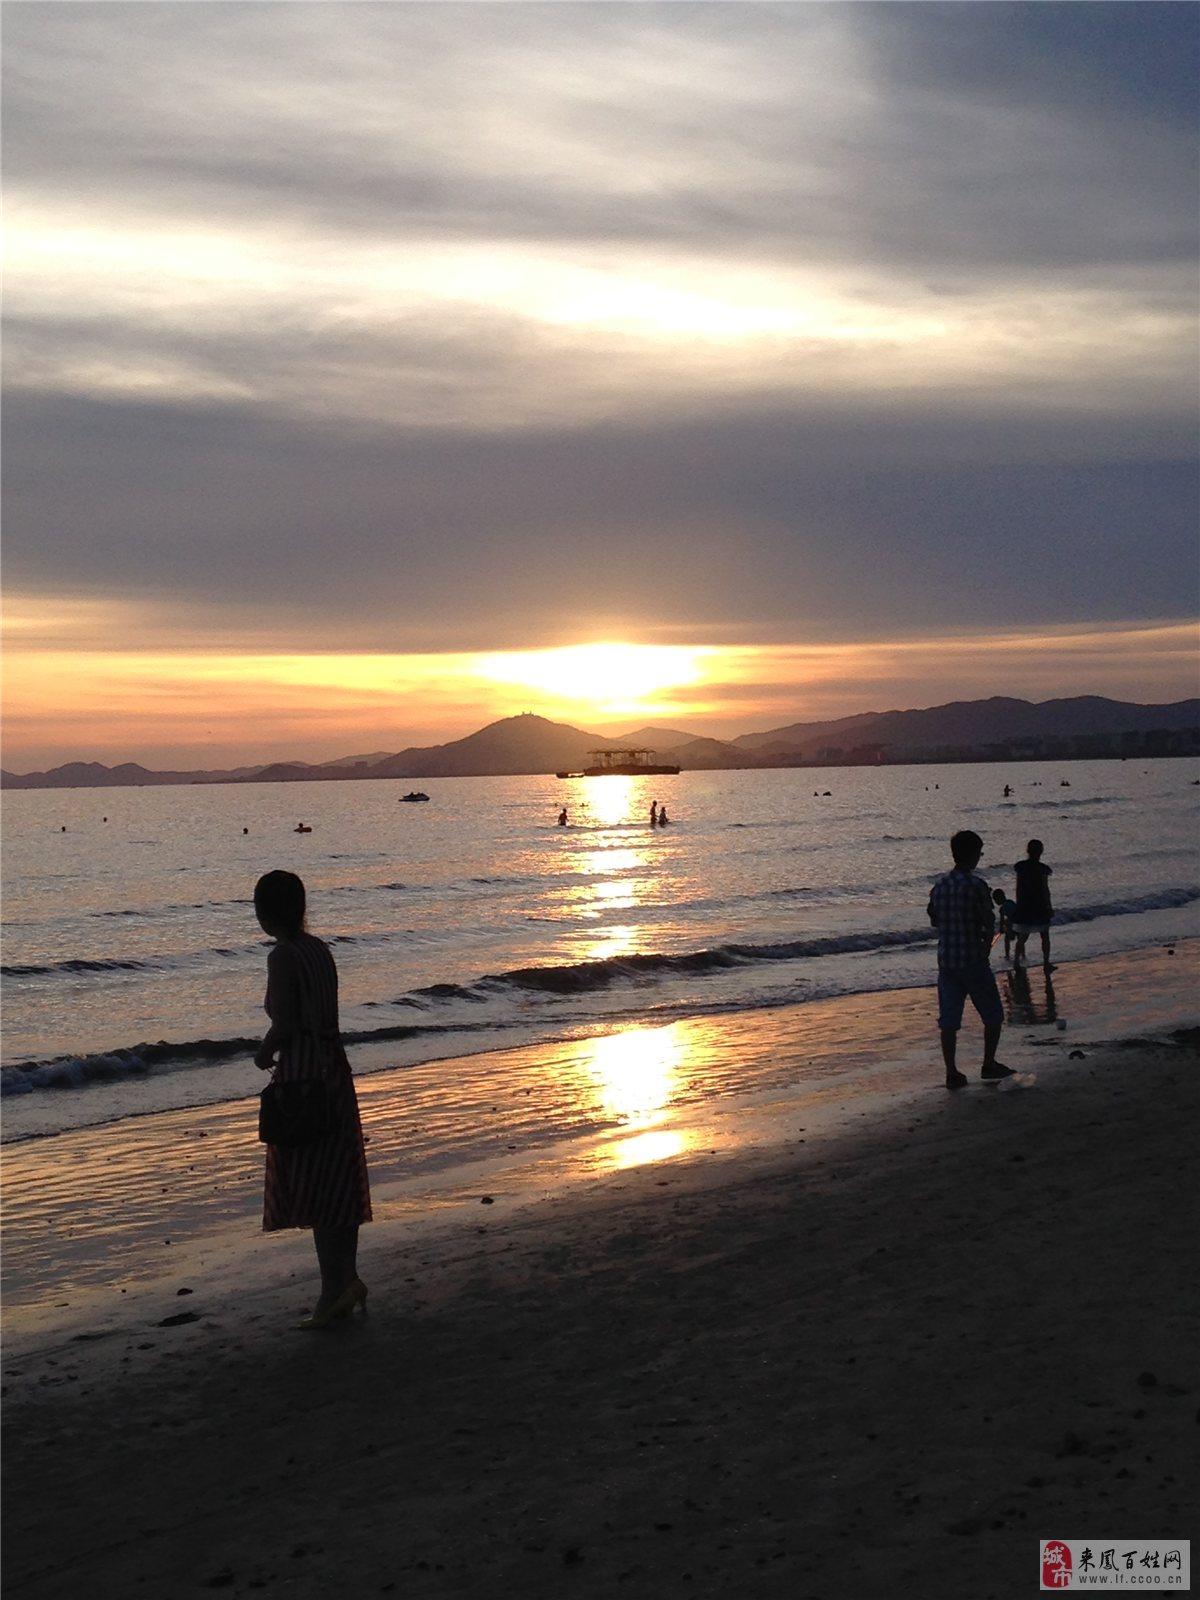 主题: 海边落日